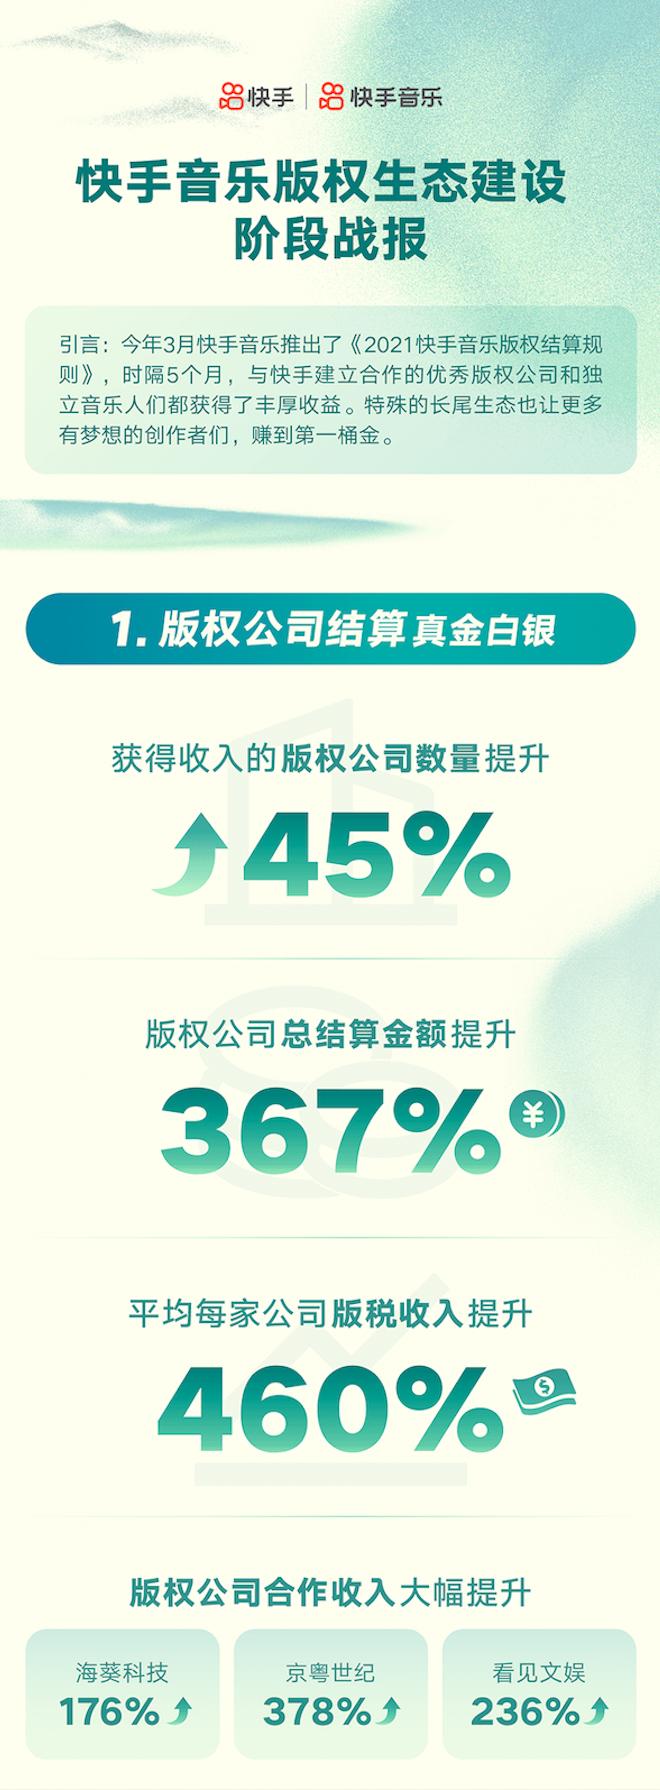 快手音乐版权公司、音乐人总结算金额分别提升367%、480%